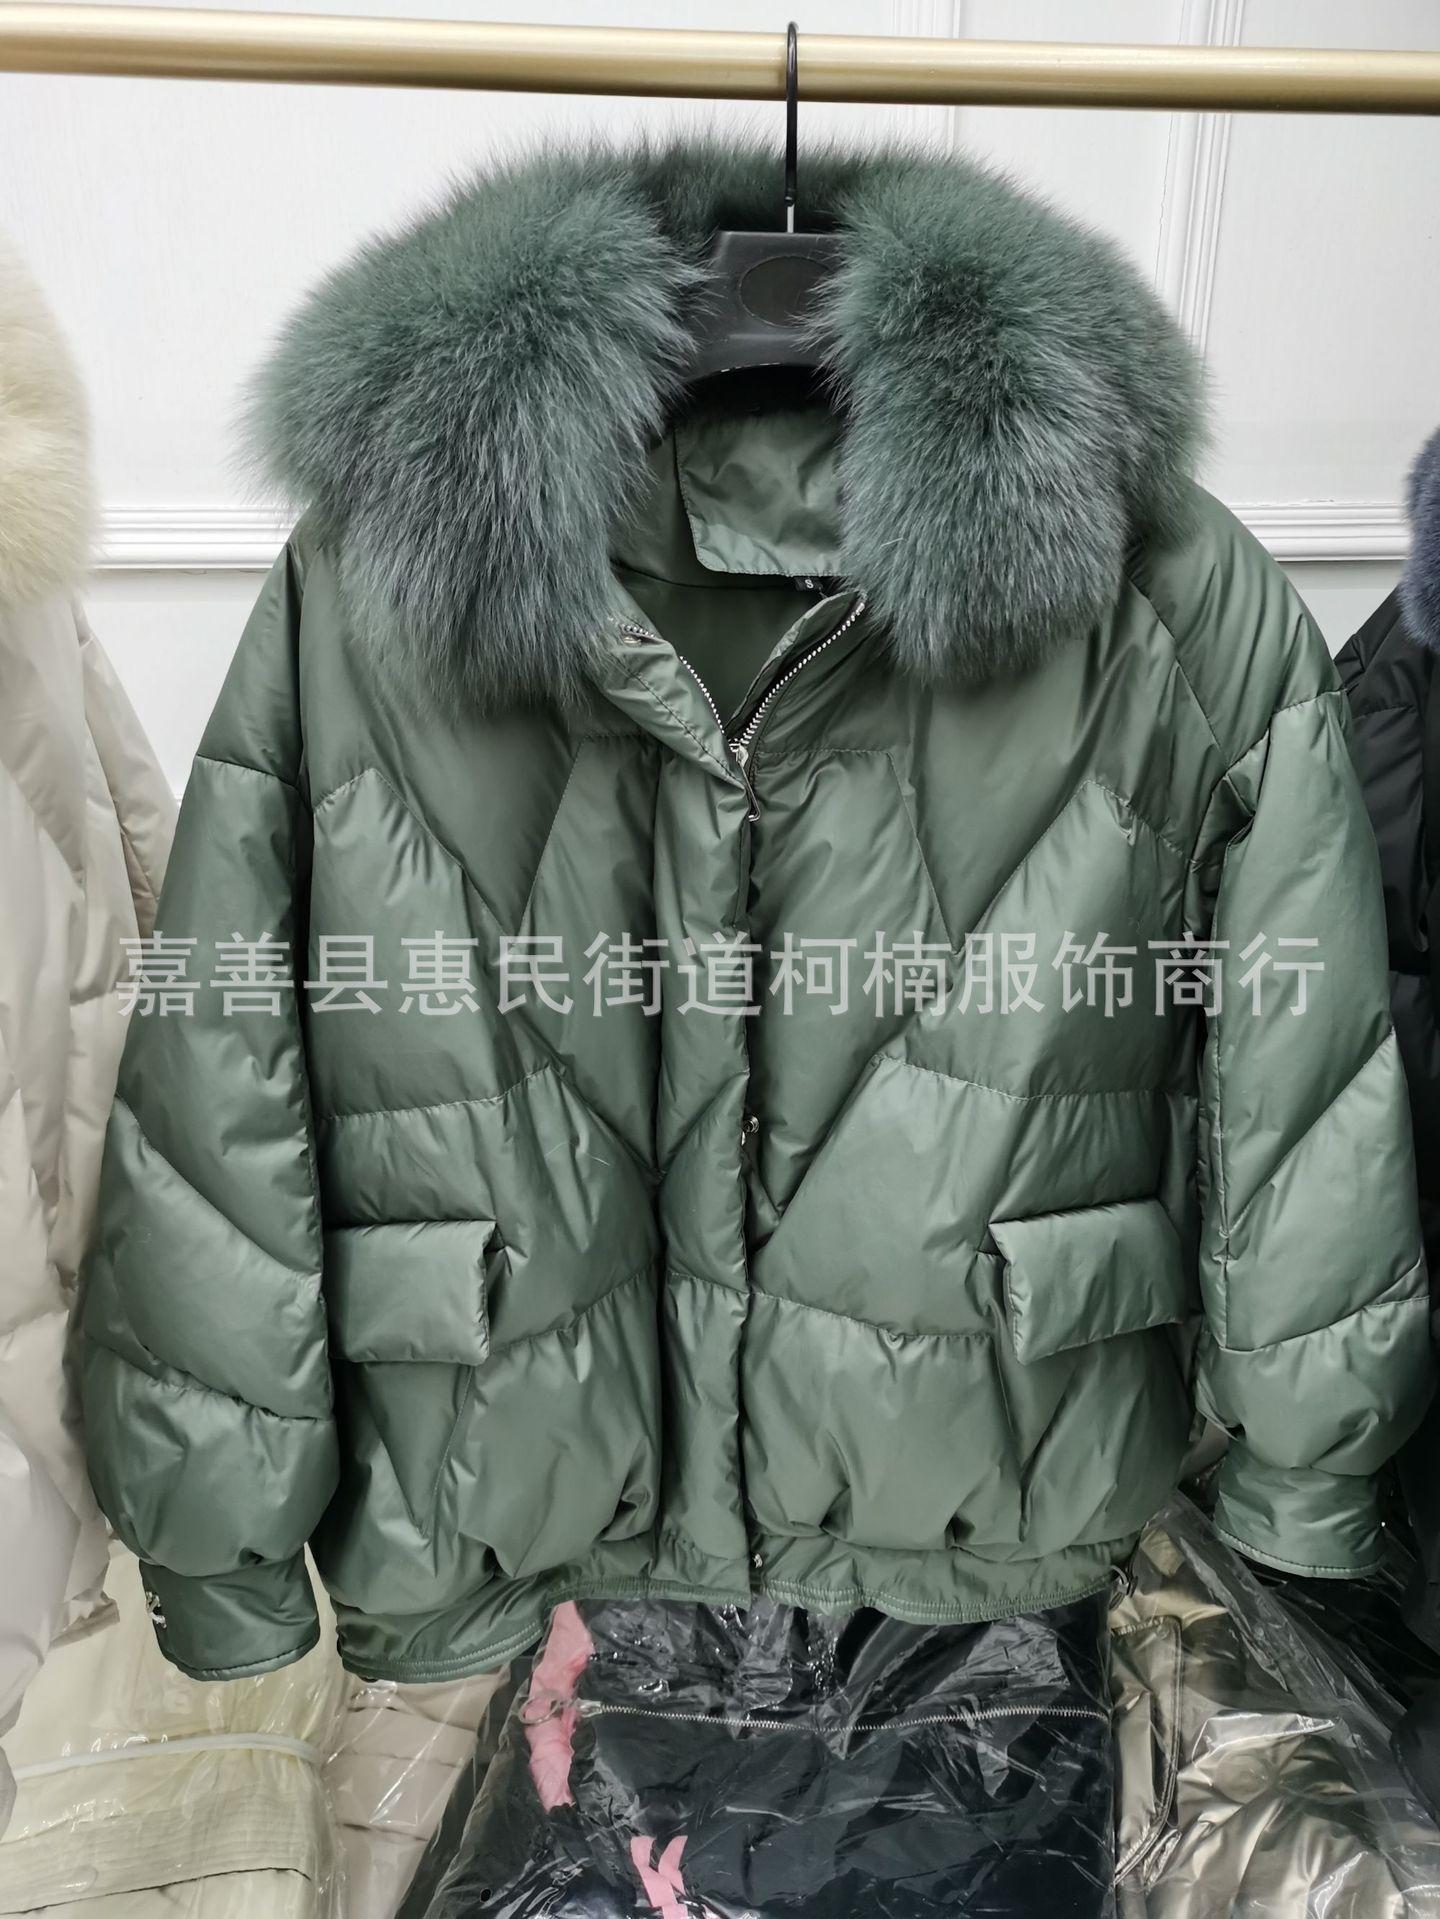 1pZAg zWoU3 kısa aşağı ceket ceket aşağı 2019 yeni bir aşk Fox büyük kürk yaka 90 kadife ceket kadın rahat Kore tarzı Kış